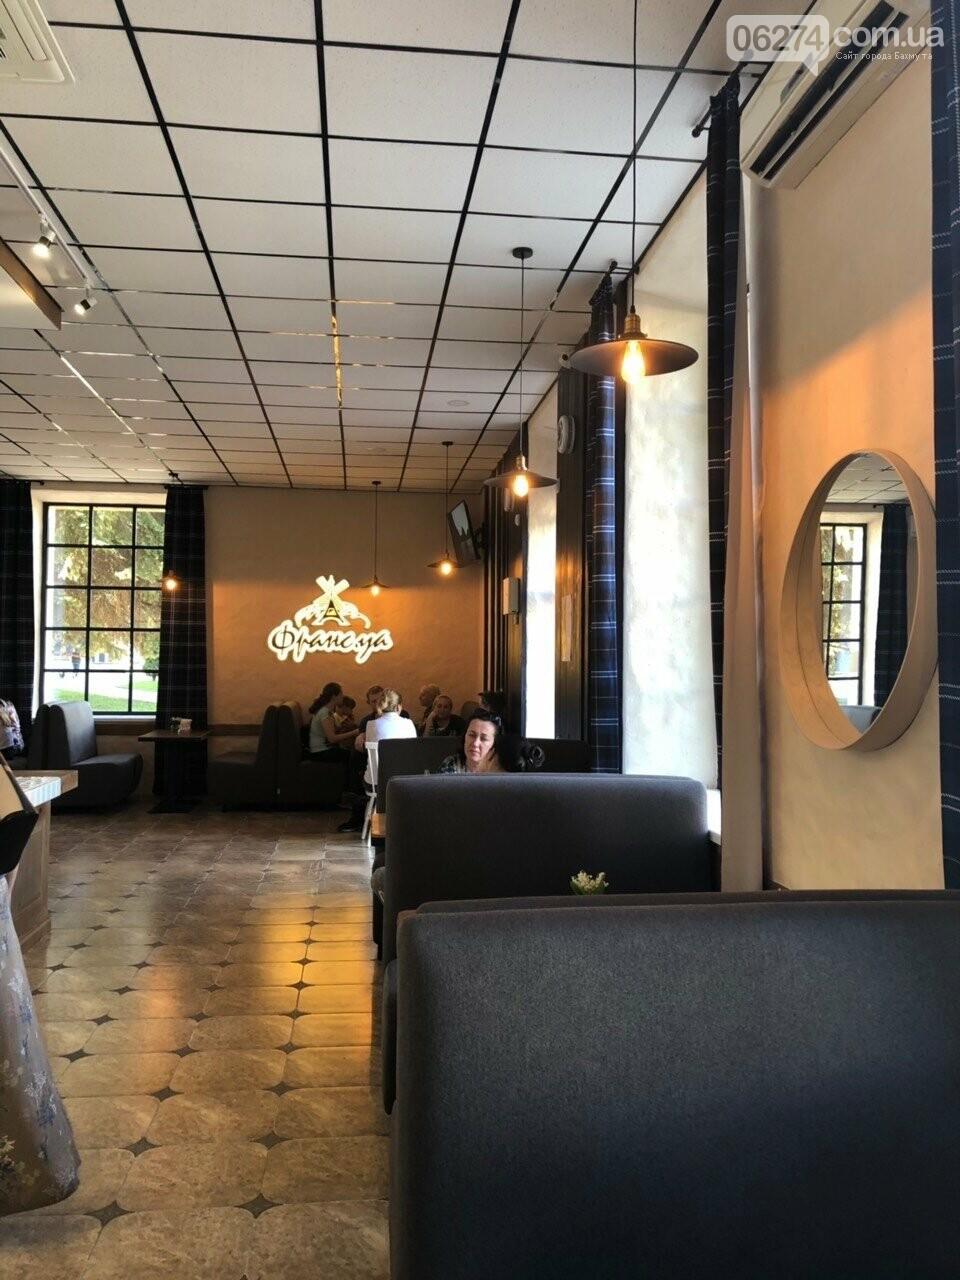 В Бахмуте открылась кофейня-пекарня «Франс.уа», фото-2